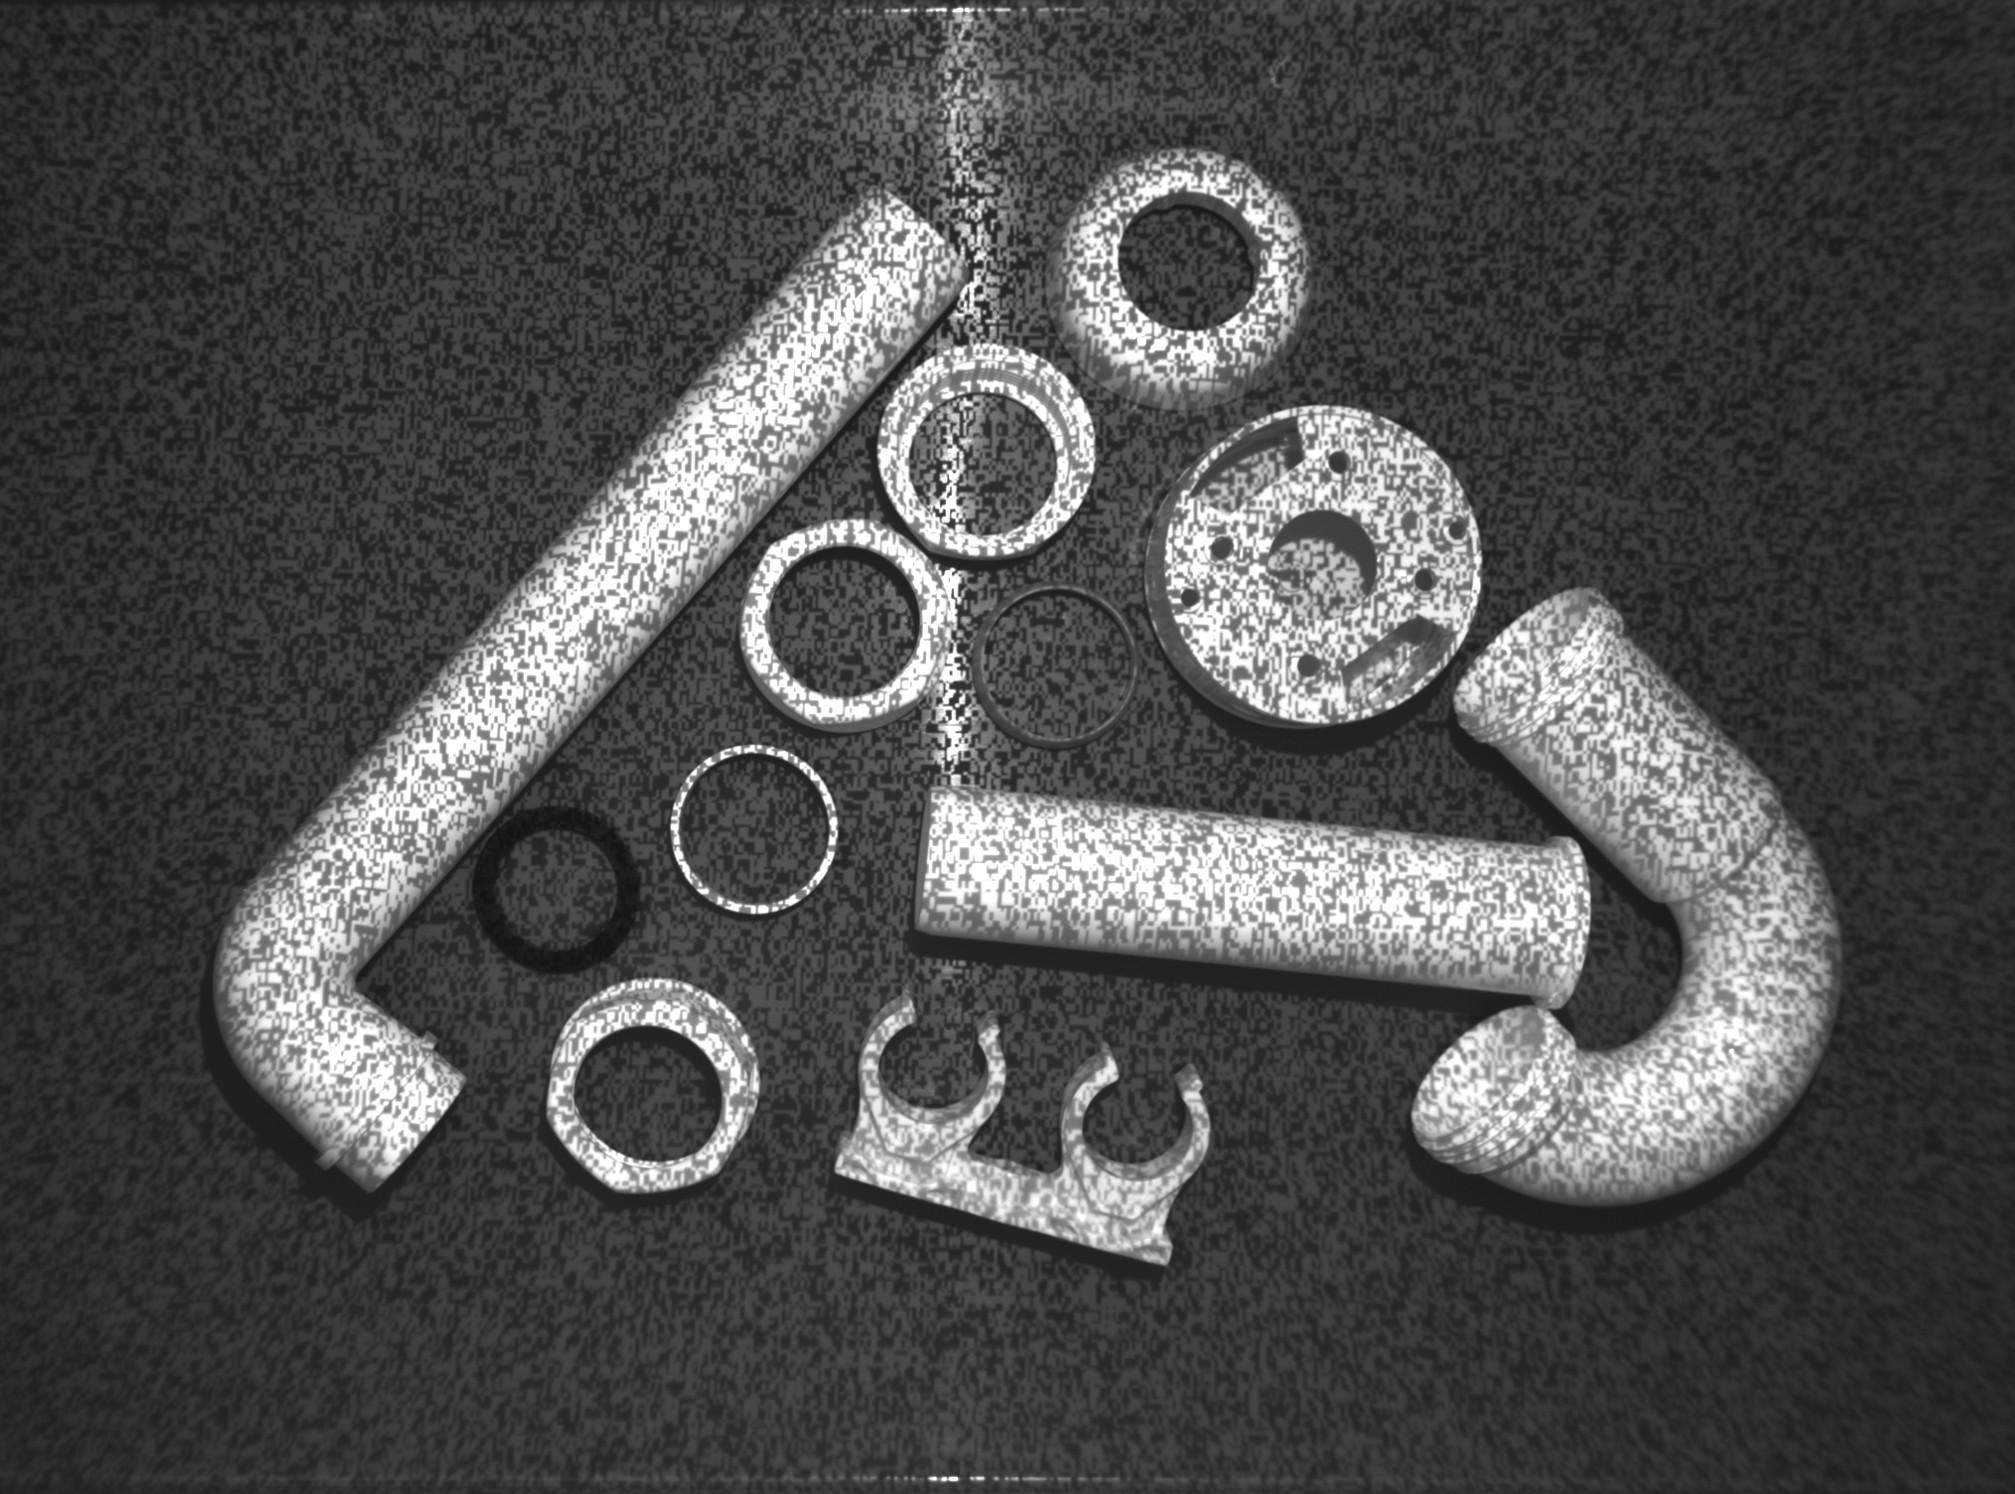 scarlet-3d-depth-camera-sample-plastic-parts-image